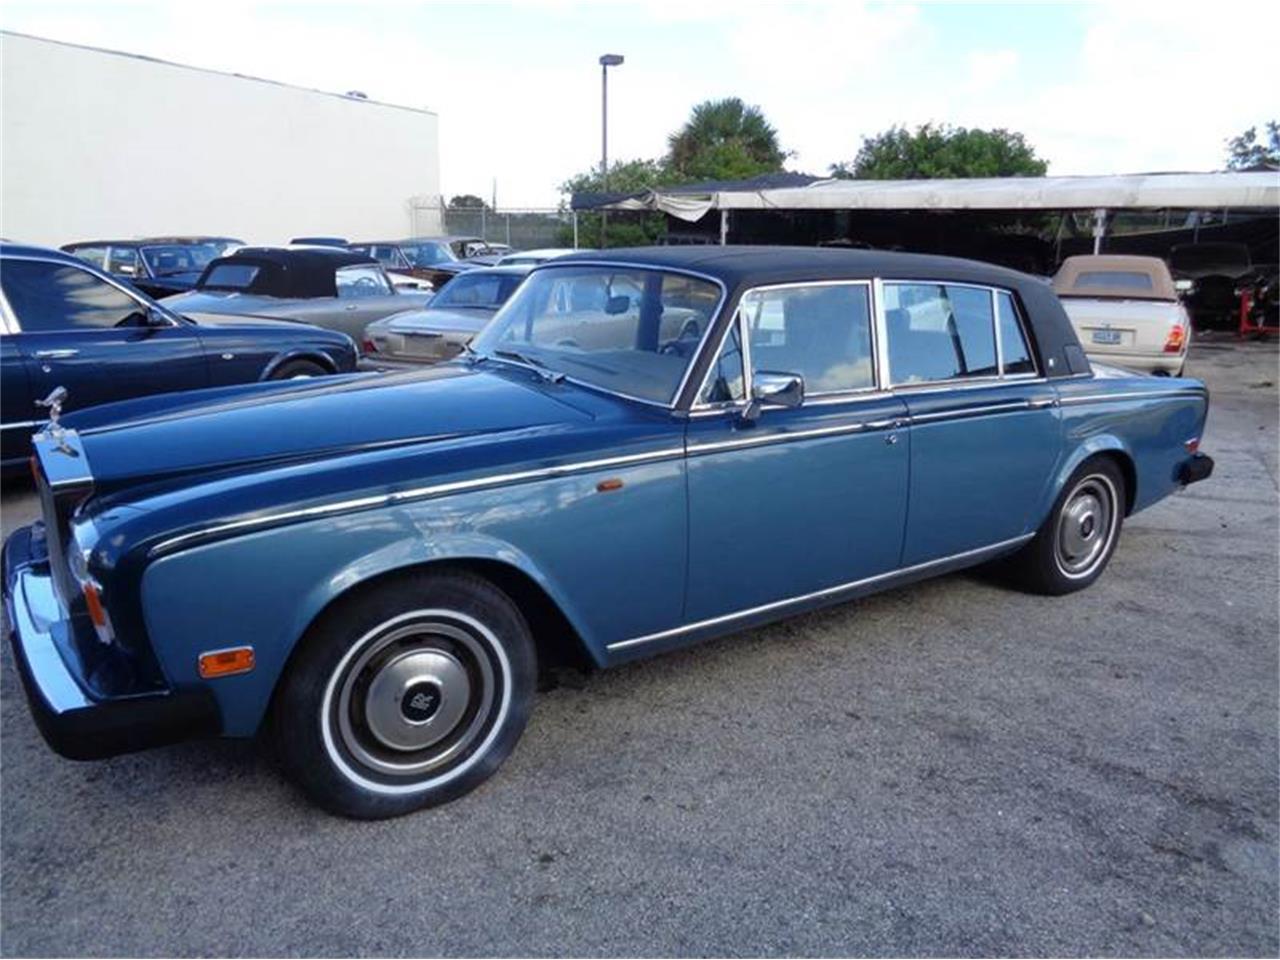 Rolls Royce Wraith Insurance >> 1980 Rolls-Royce Silver Wraith for Sale | ClassicCars.com | CC-752979